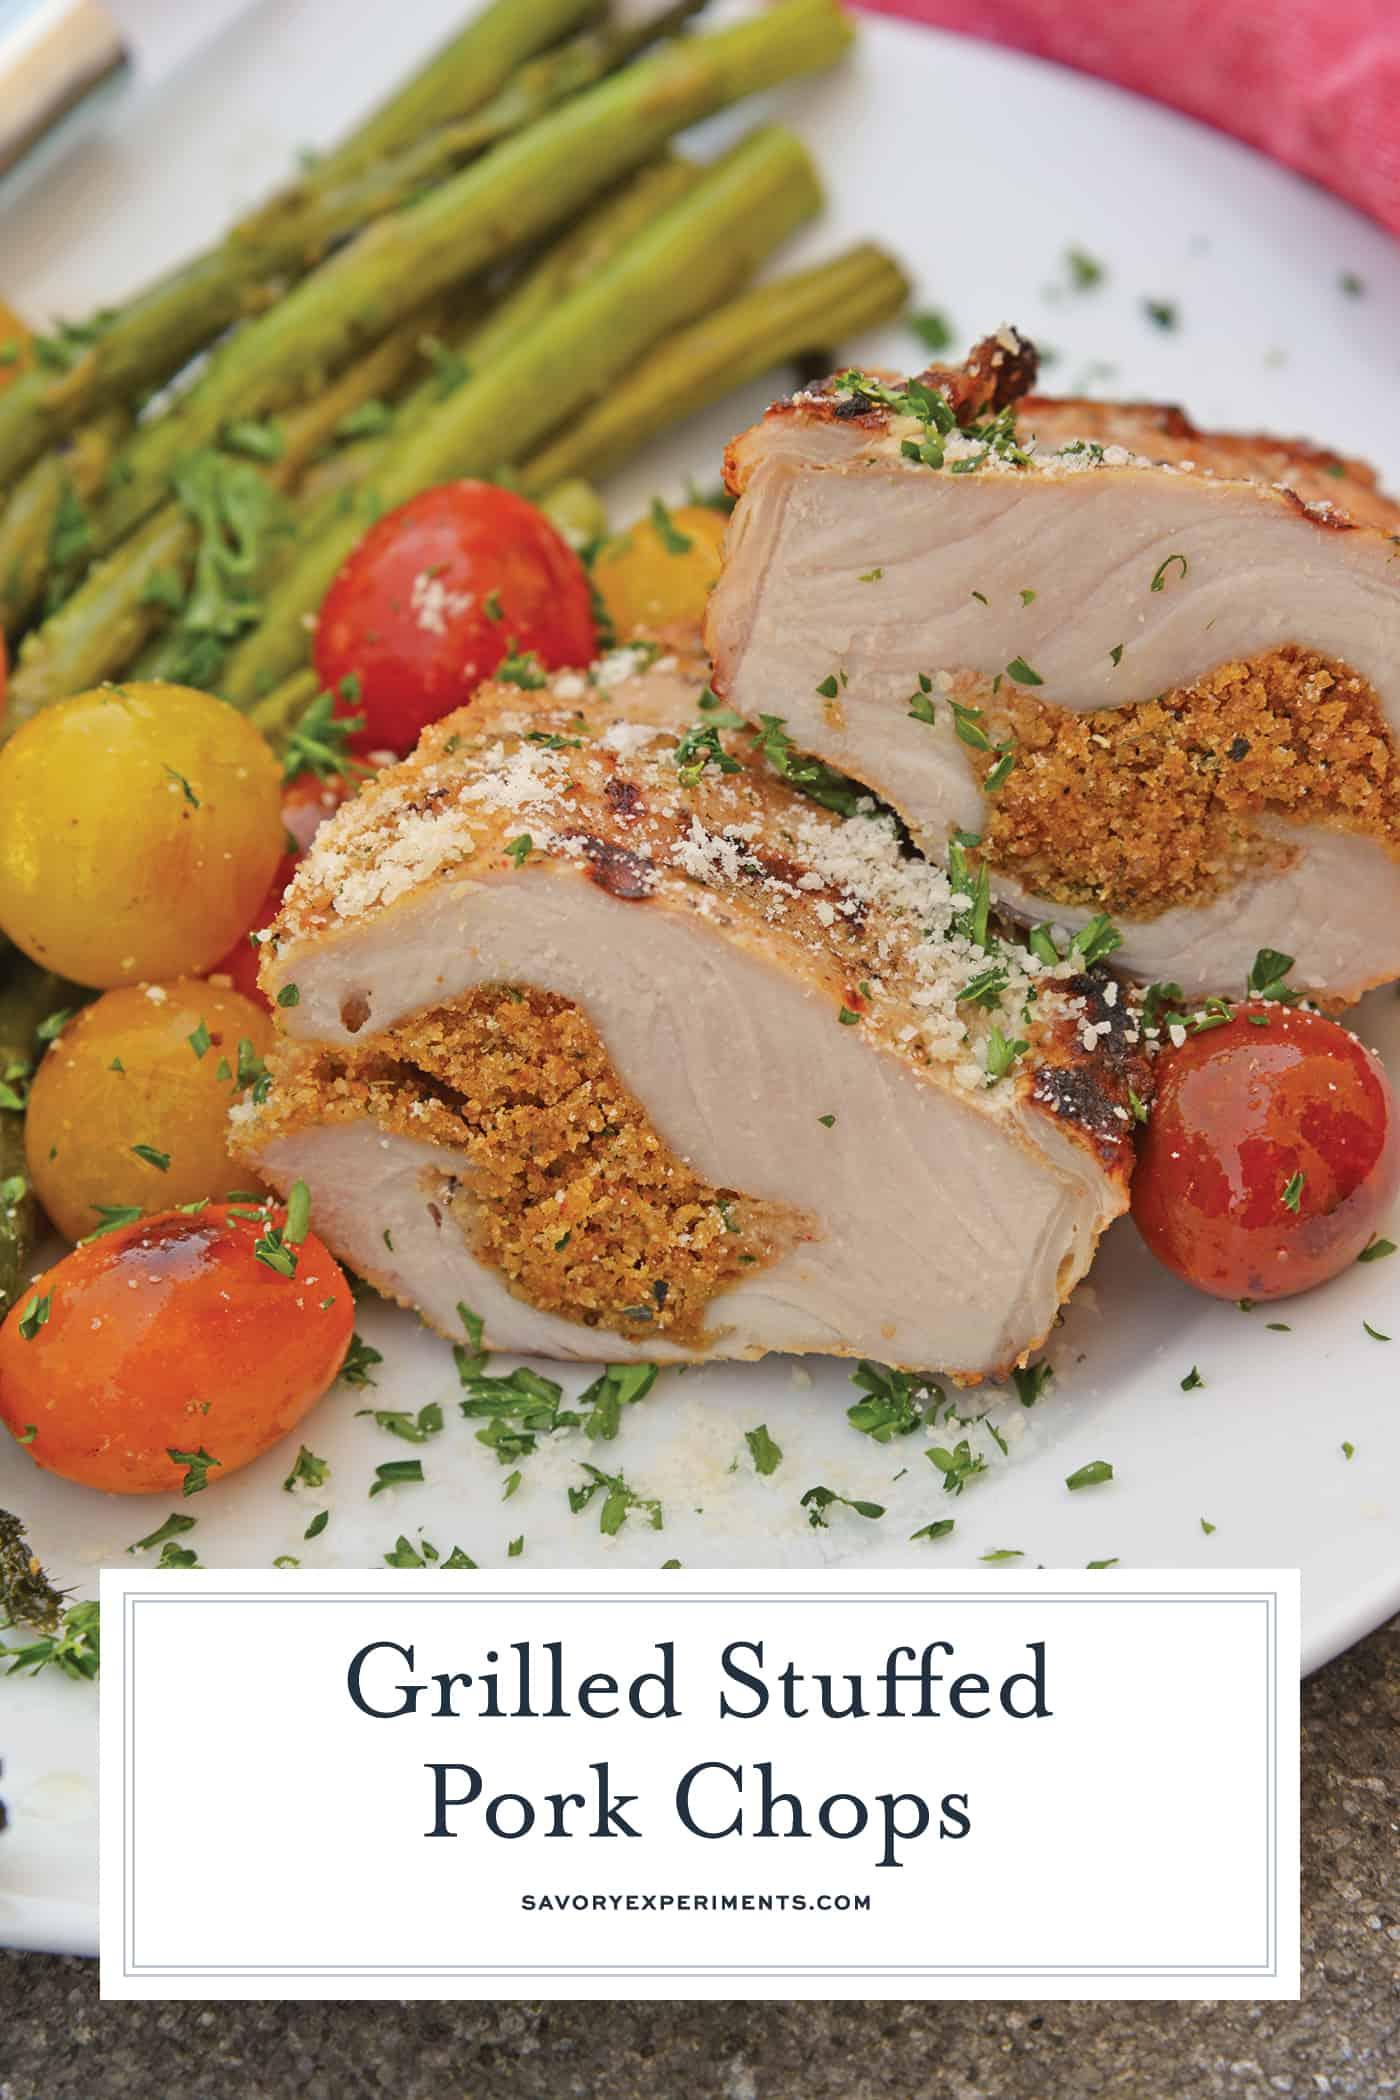 Side angle of stuffed pork chops